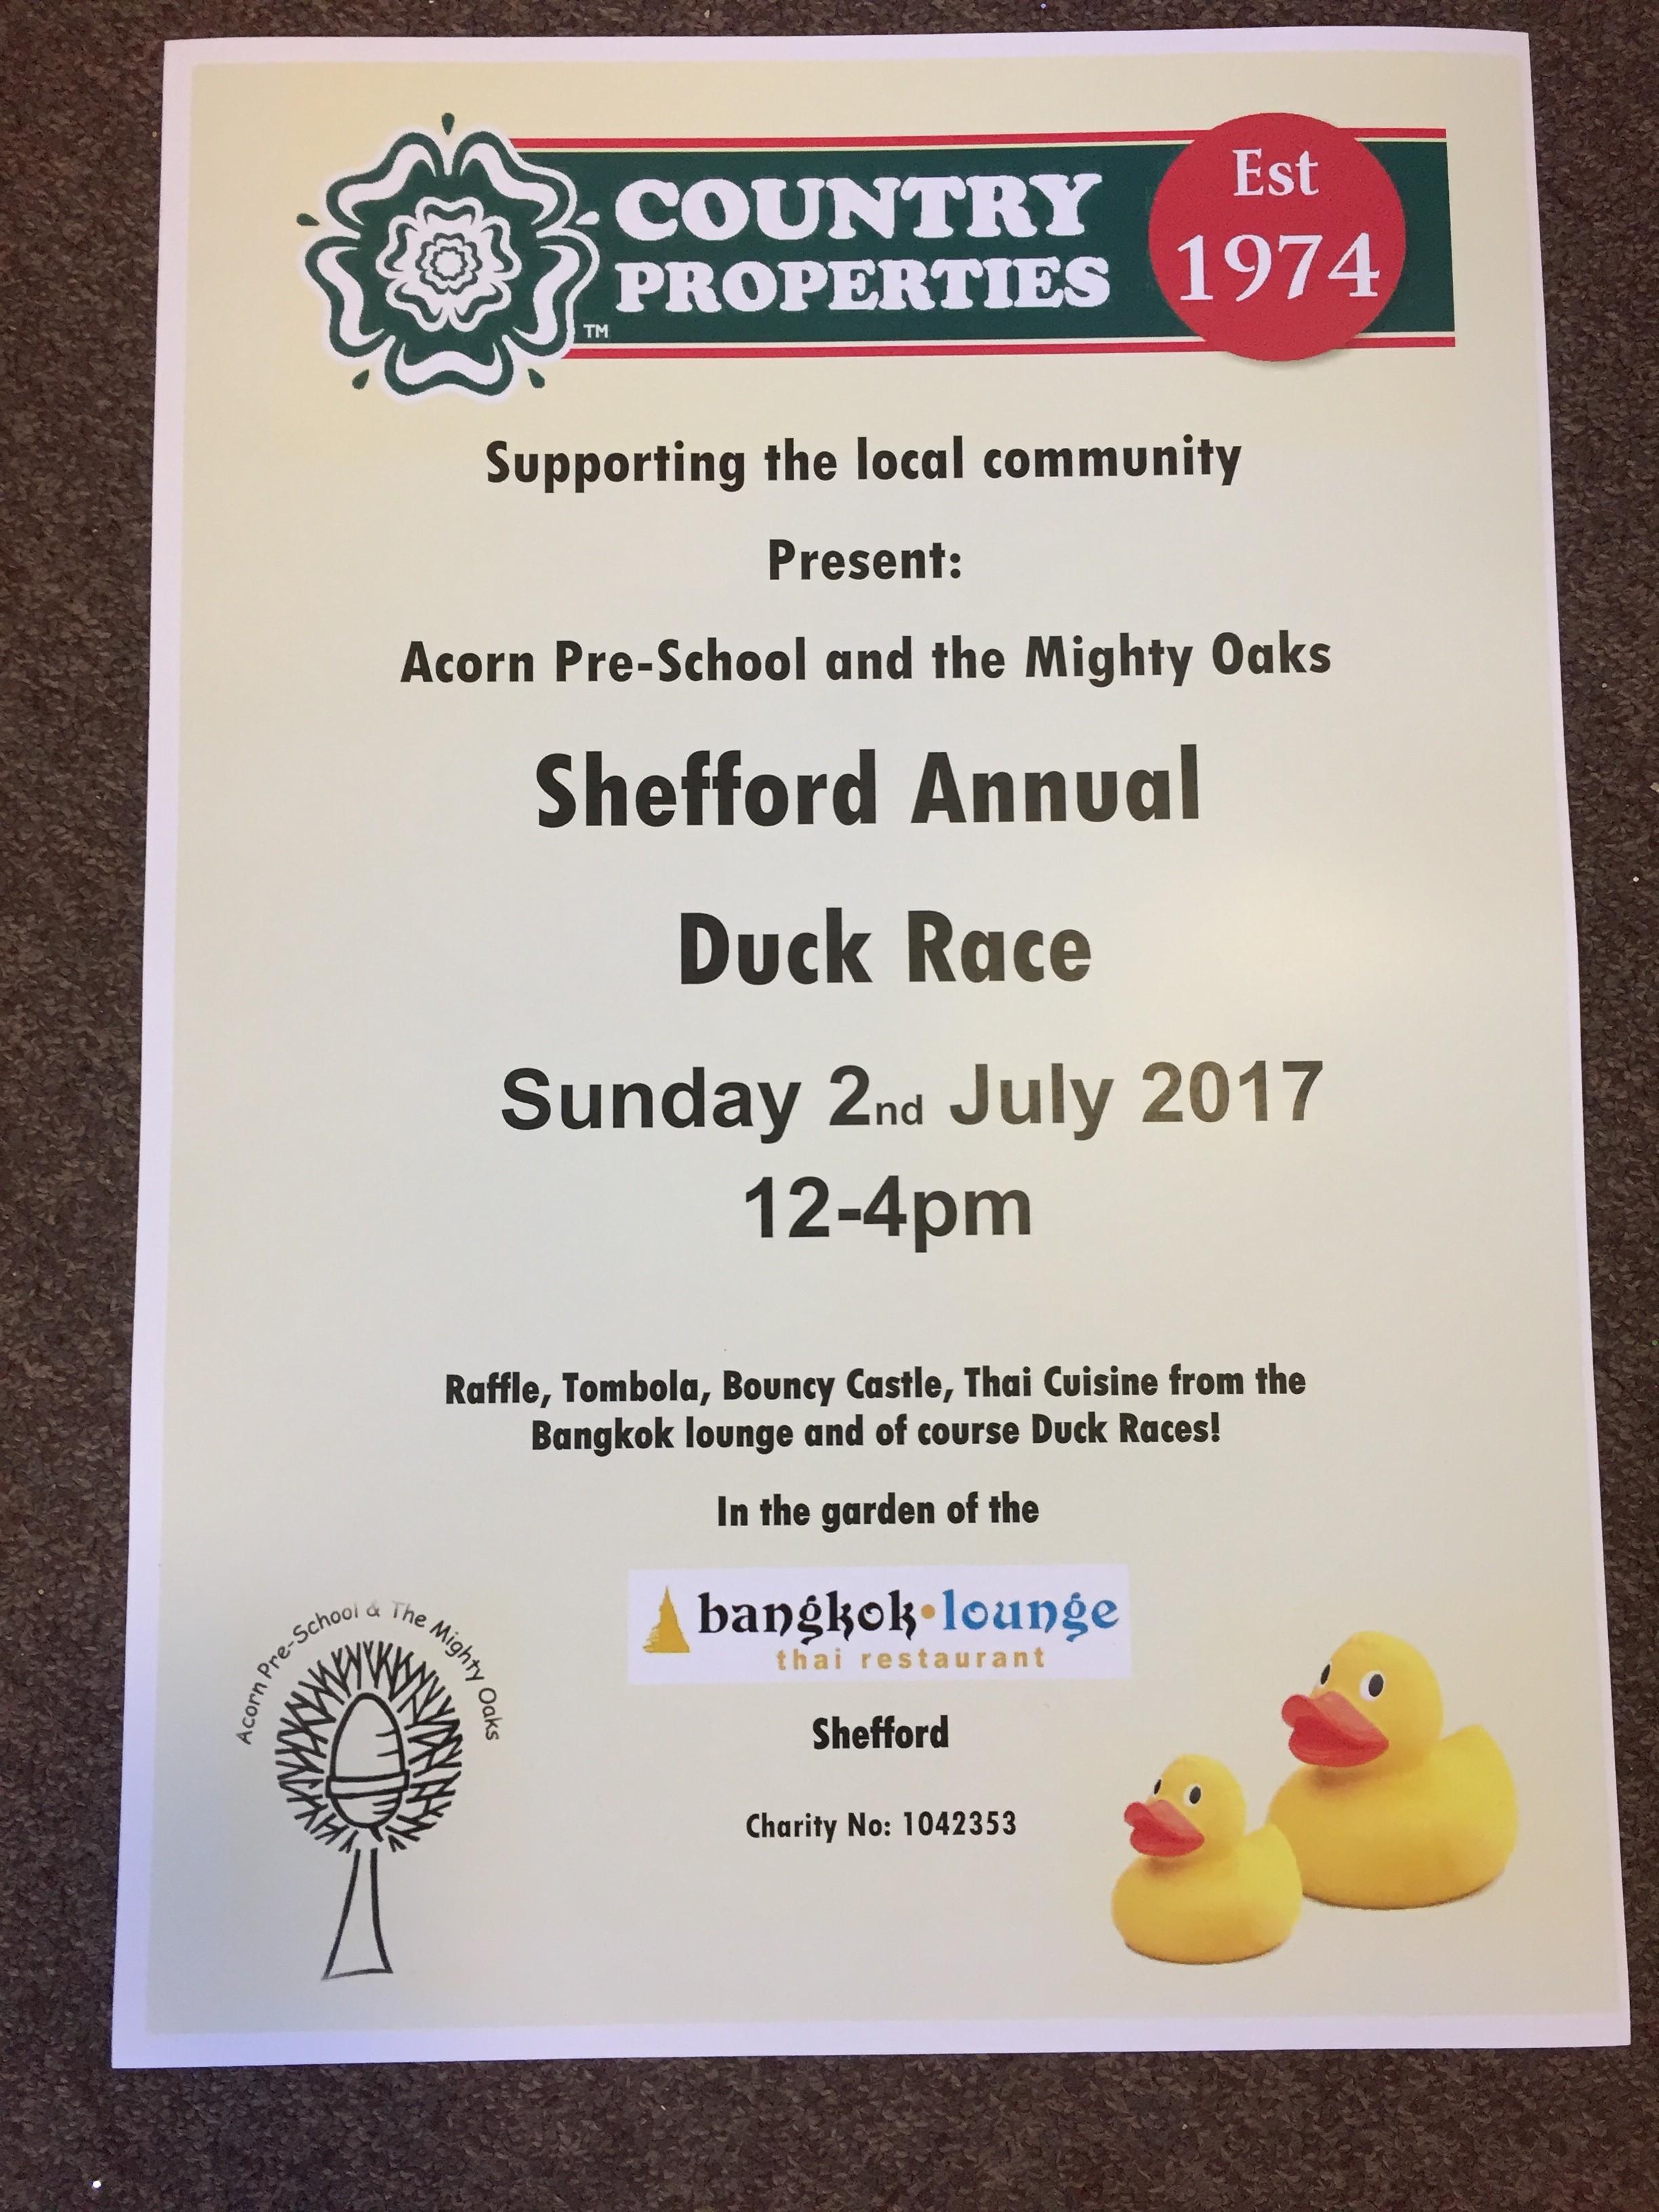 Duck Race 2 July 2017